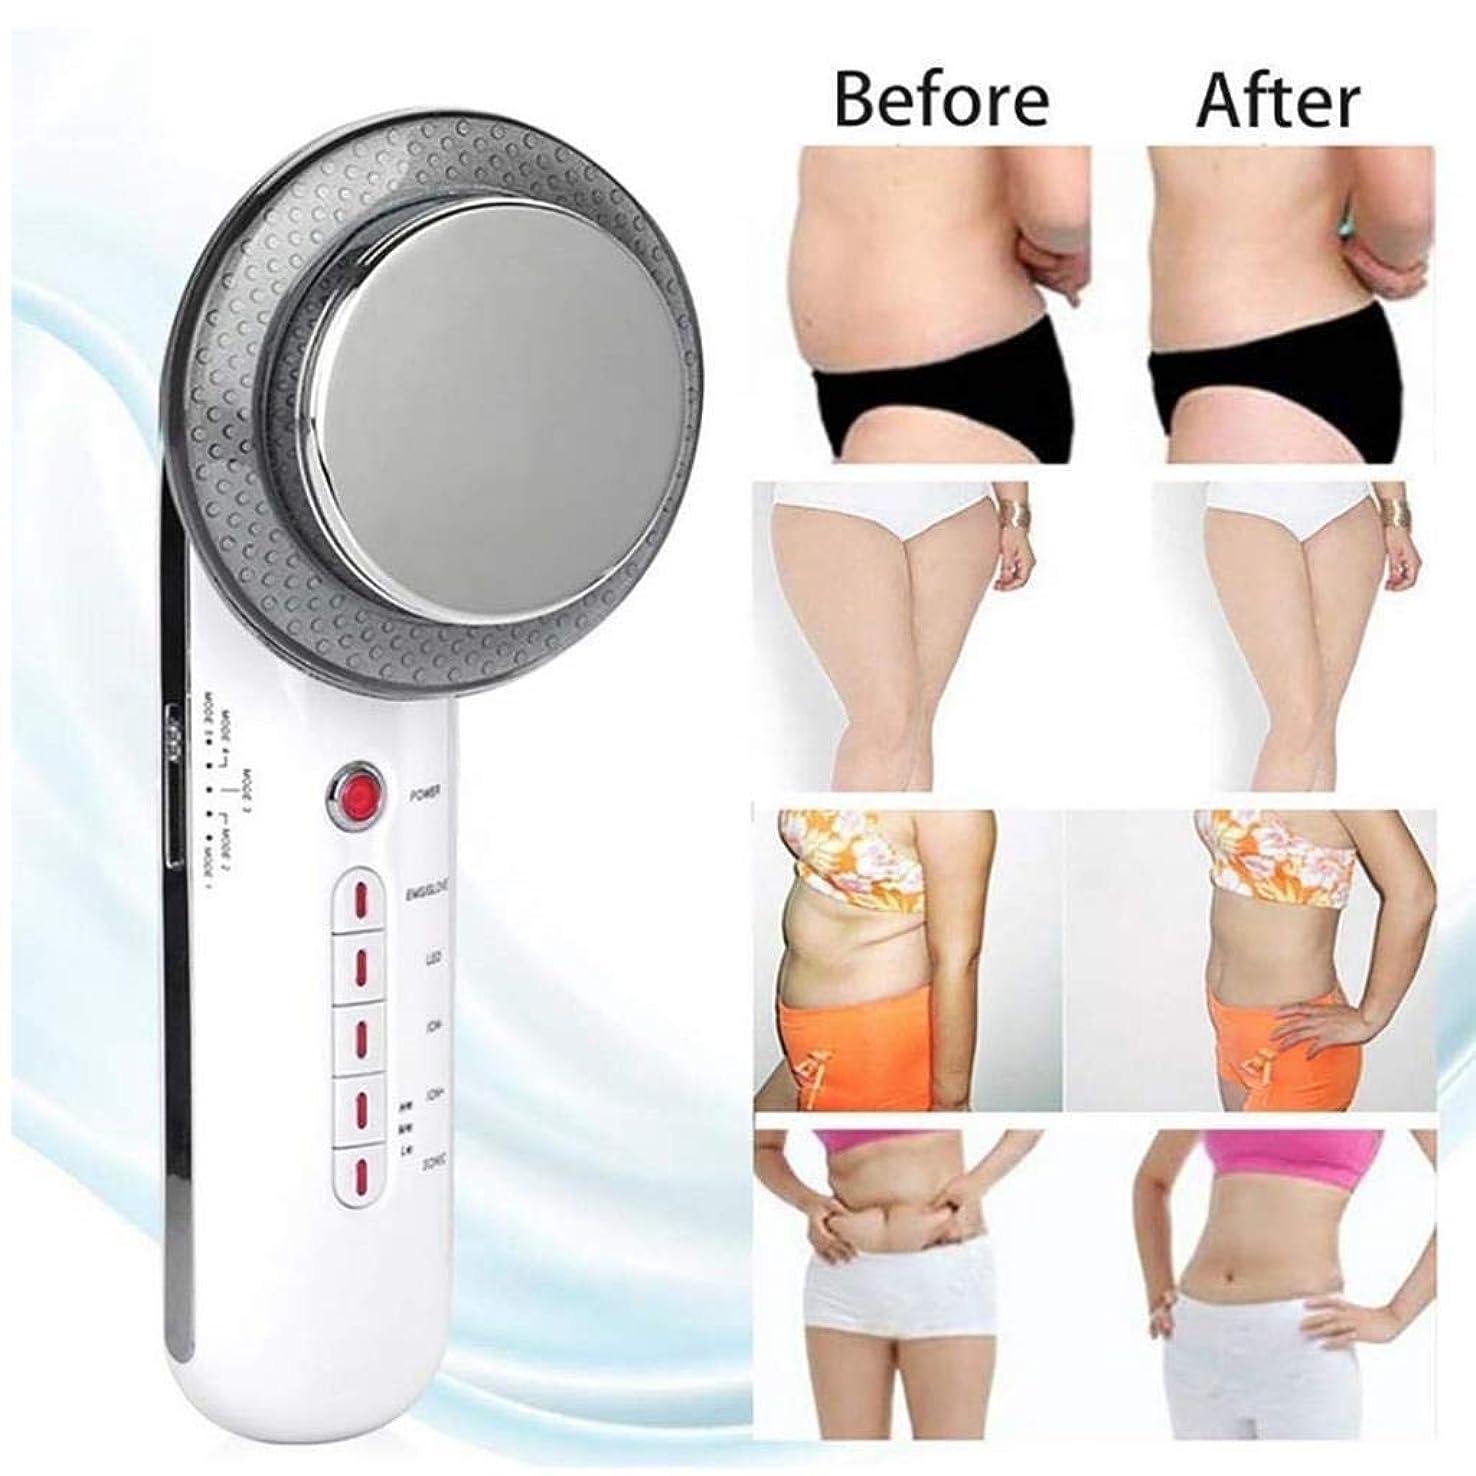 神収入汗脂肪バーナーマシン、セルライト脂肪除去マッサージャー腹減量超音波EMS LEDイオン引き締め成形装置